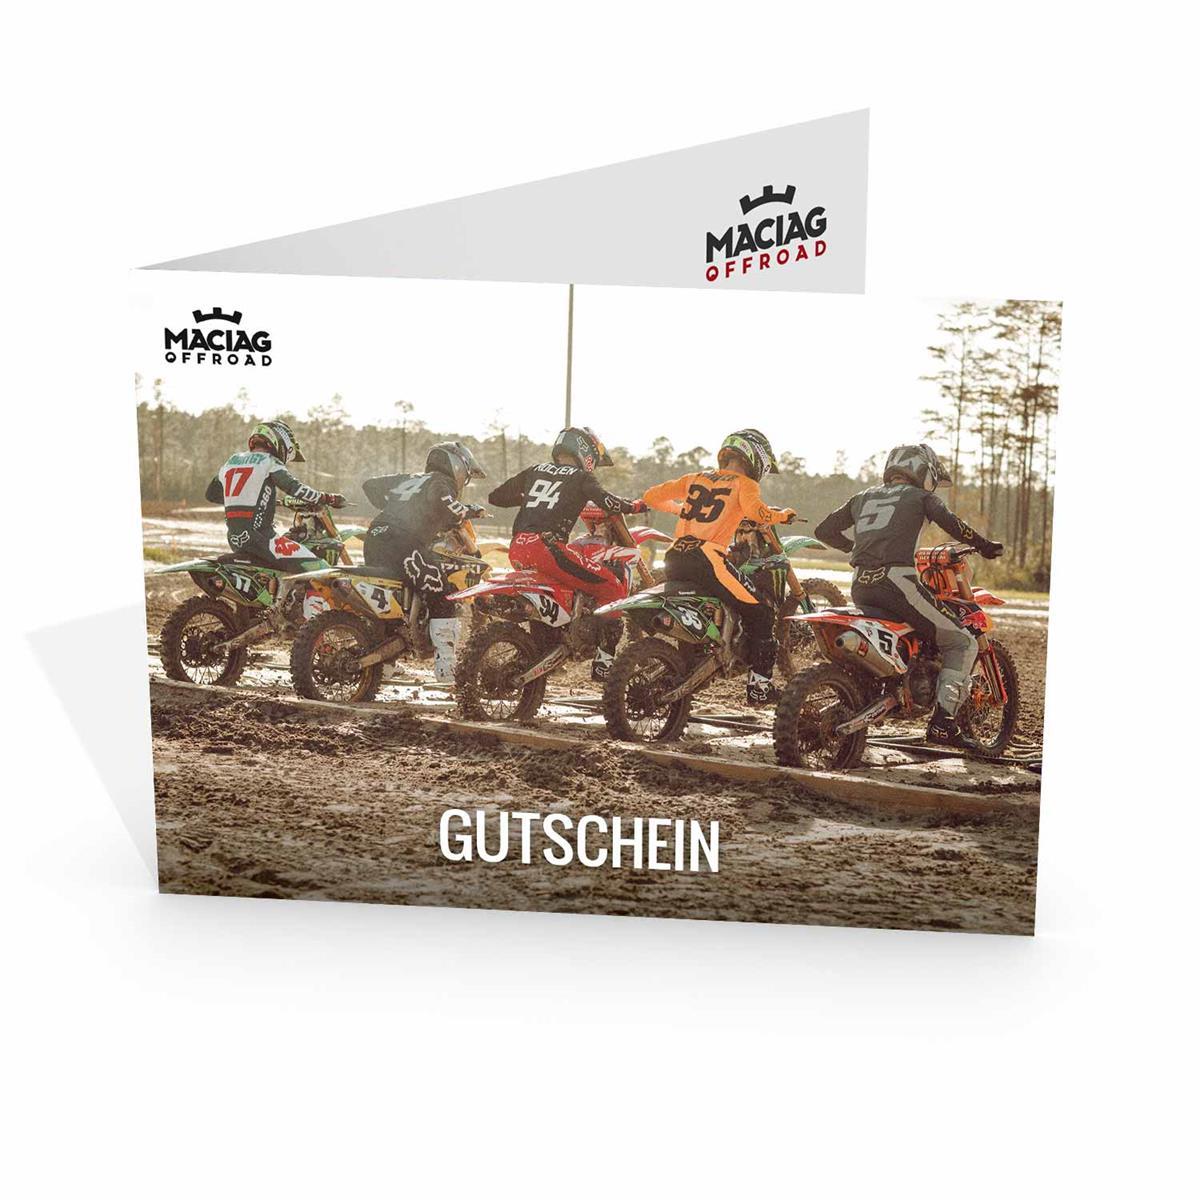 Maciag Offroad Gutschein Motocross-Motiv 2019 im Wert von 25.00 Euro